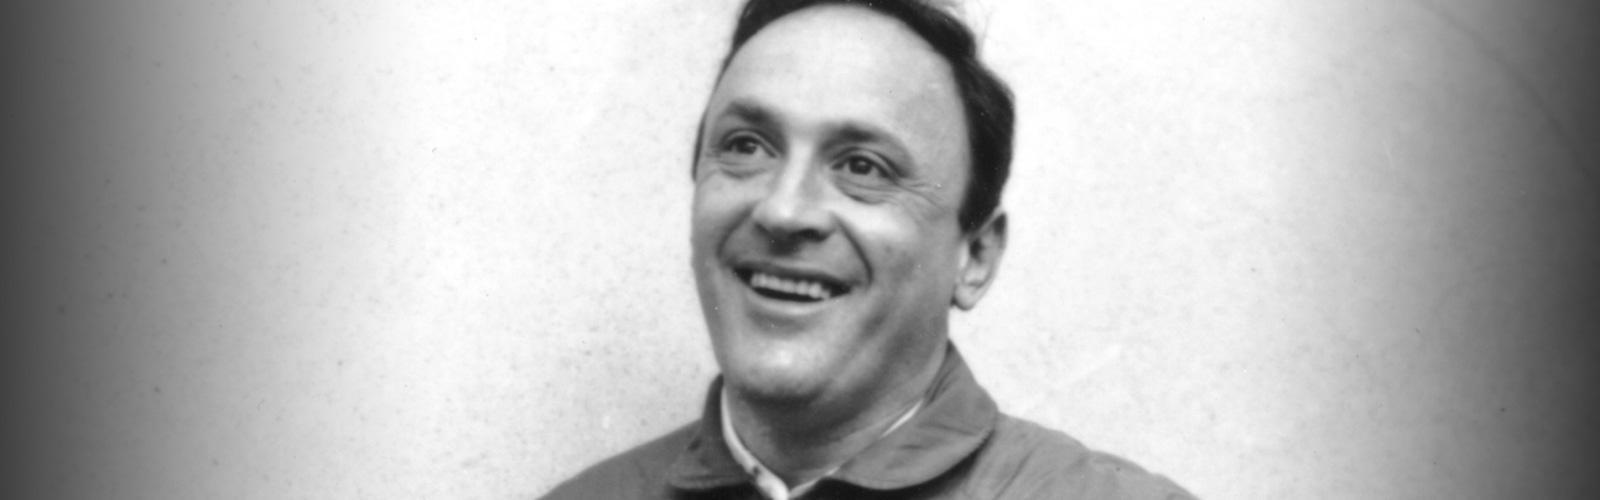 Anécdotas Imprecisas del Rock: Murray the K - Radio Cantilo